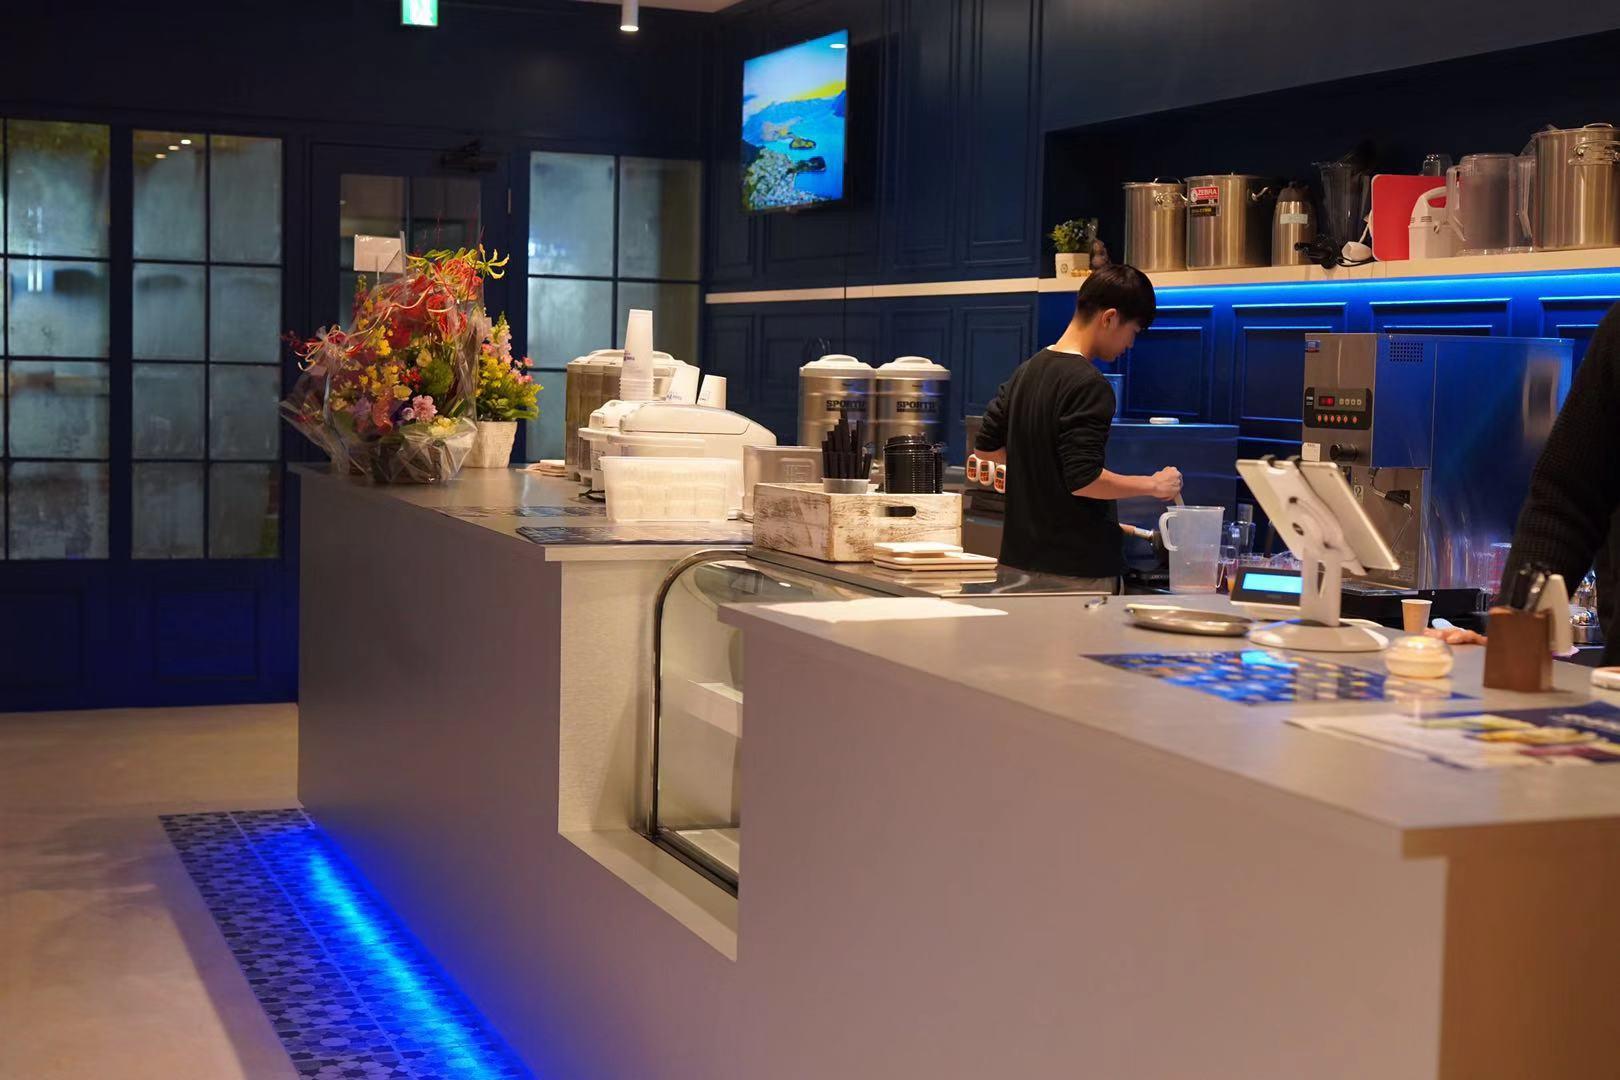 大須で人気のドリンクスタンド「TIME TO TEA」の2号店が池下駅前に登場! - TTT2